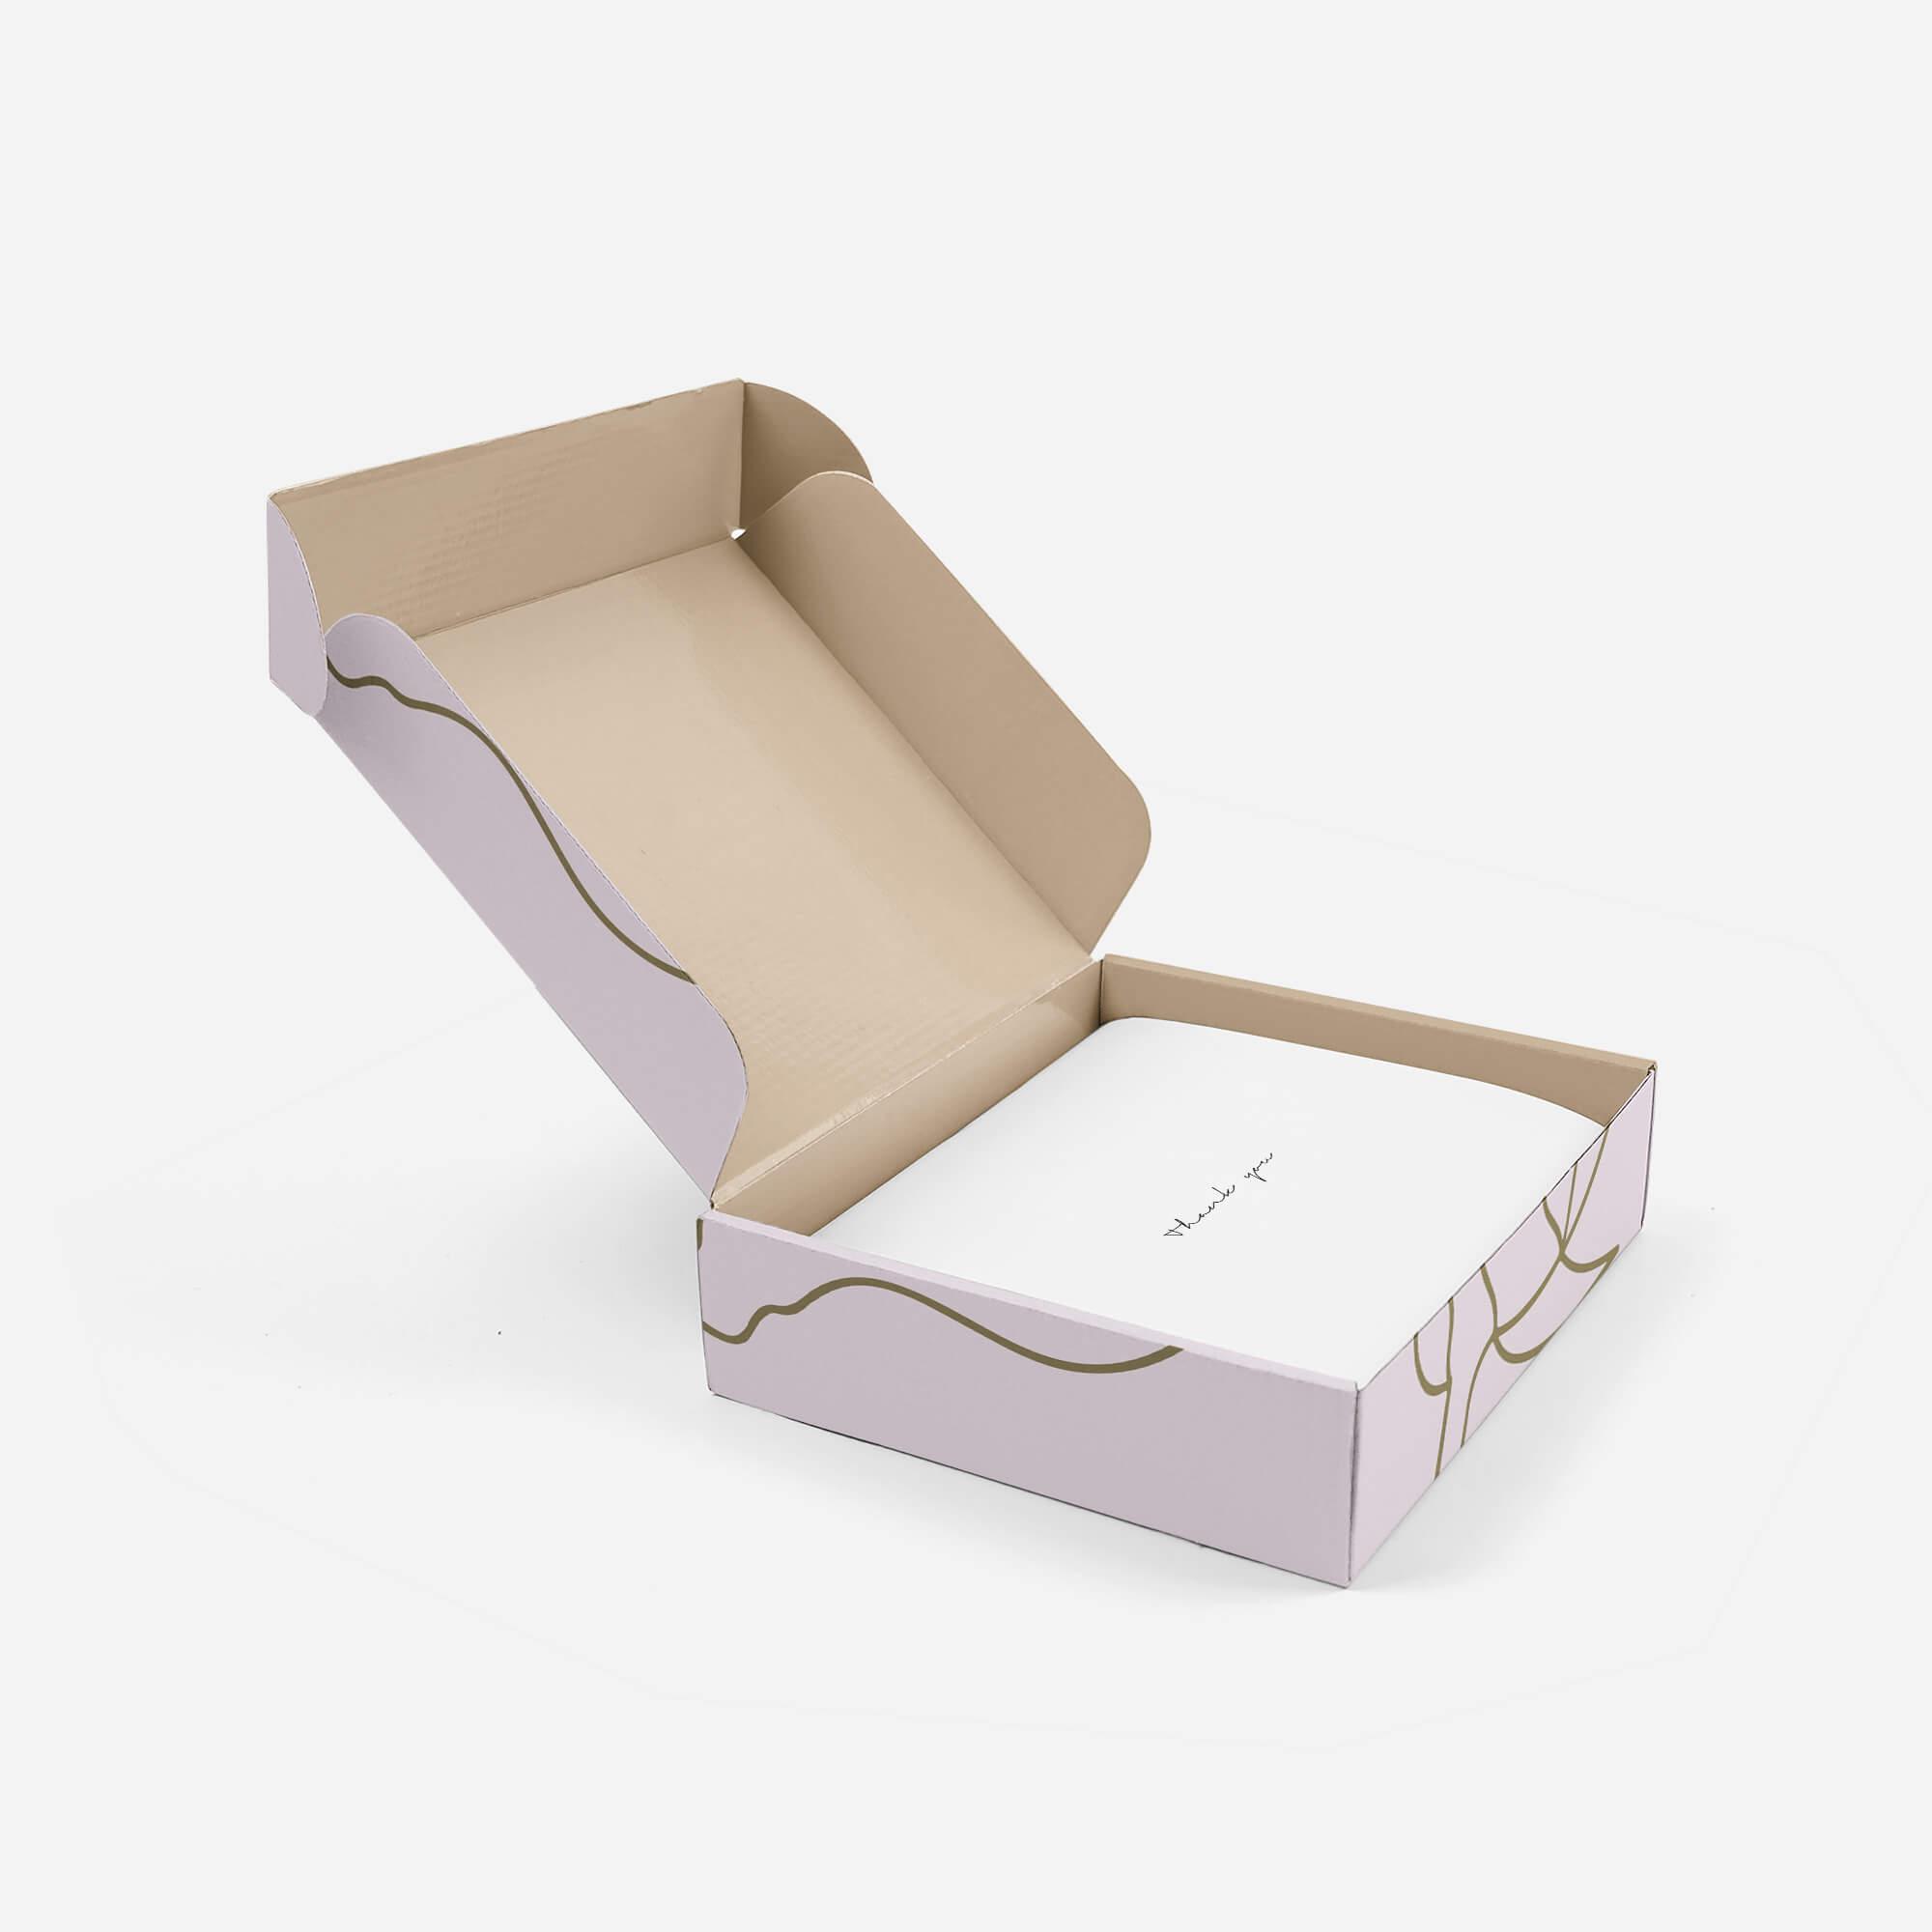 Caja de cartón personalizada y abierta